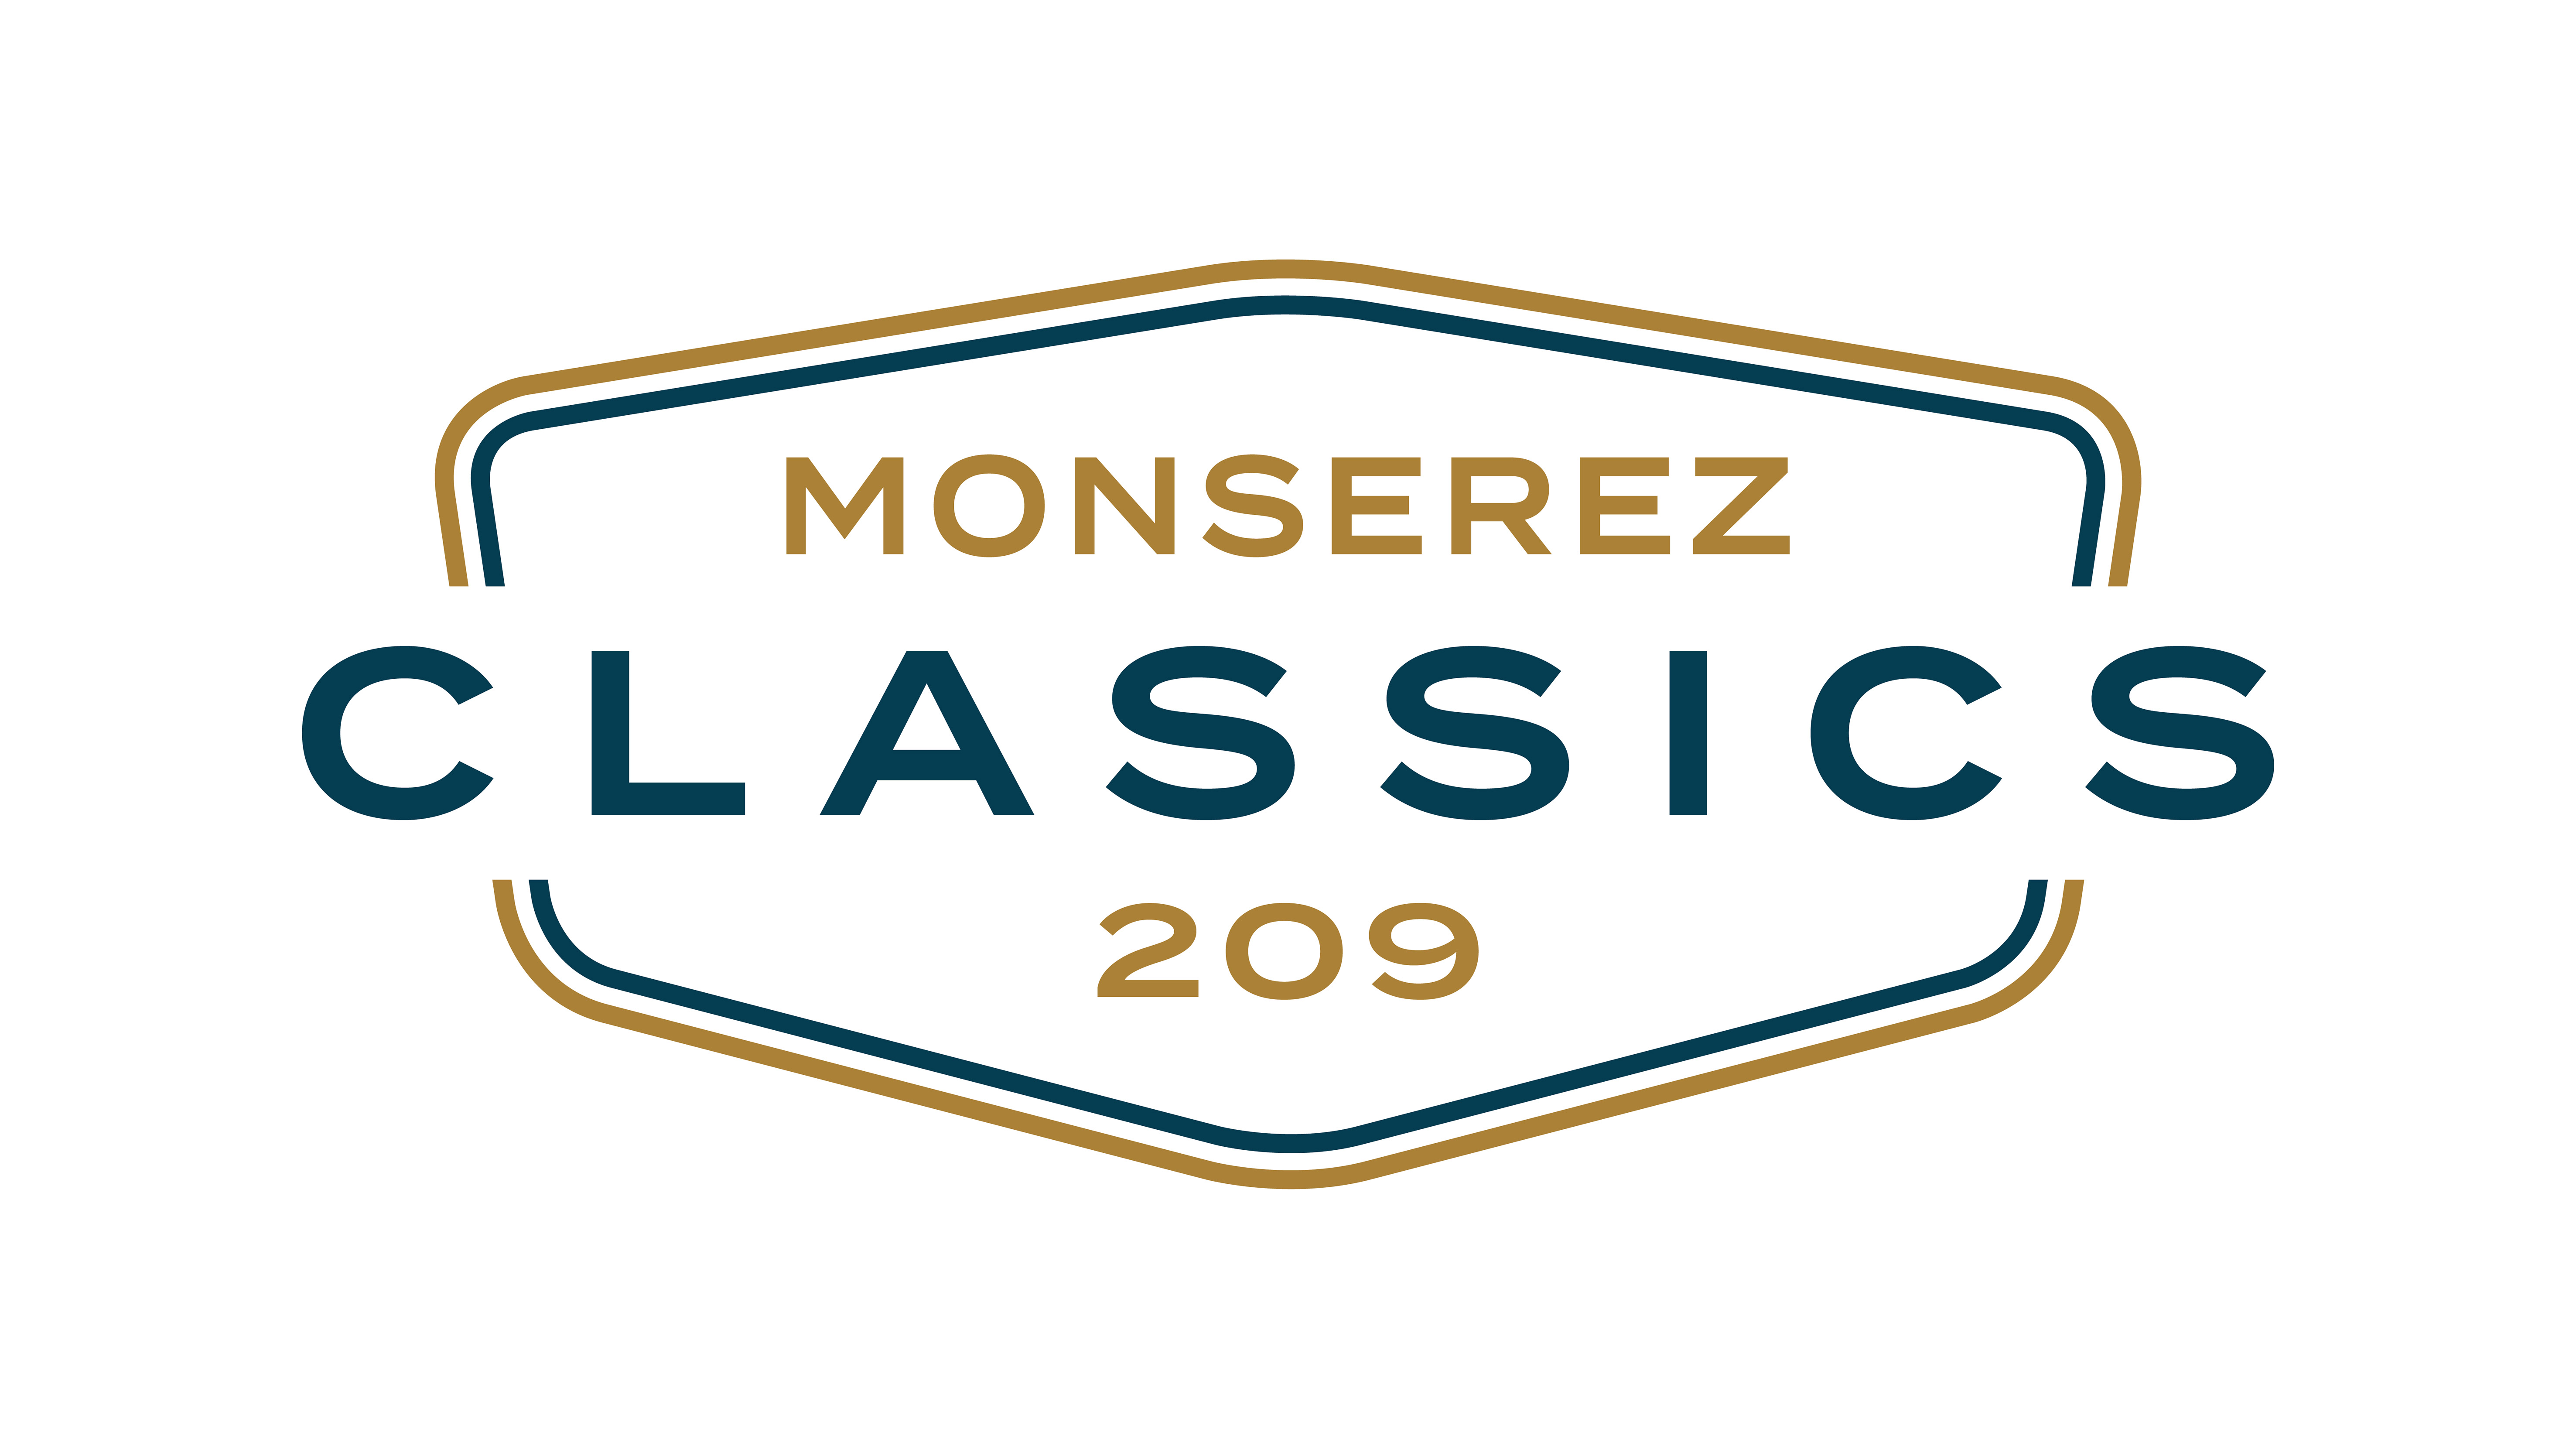 Monserez Classics